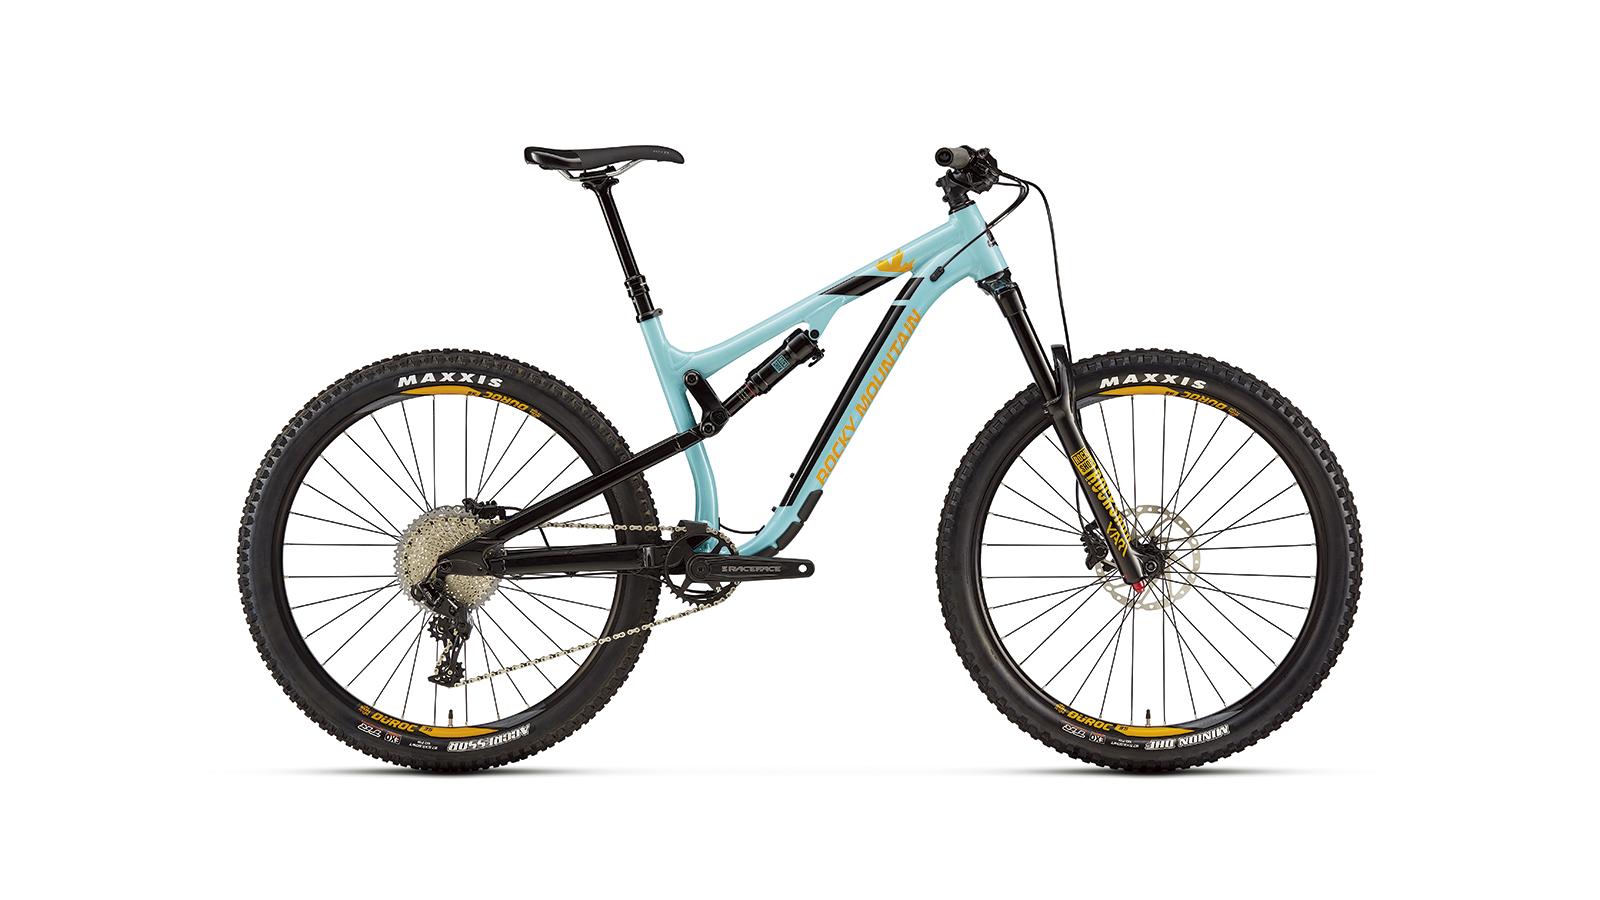 ROCKY MOUNTAIN BICYCLES ( ロッキーマウンテンバイシクルズ ) マウンテンバイク ALTITUDE A30 ブルー/ブラック MD